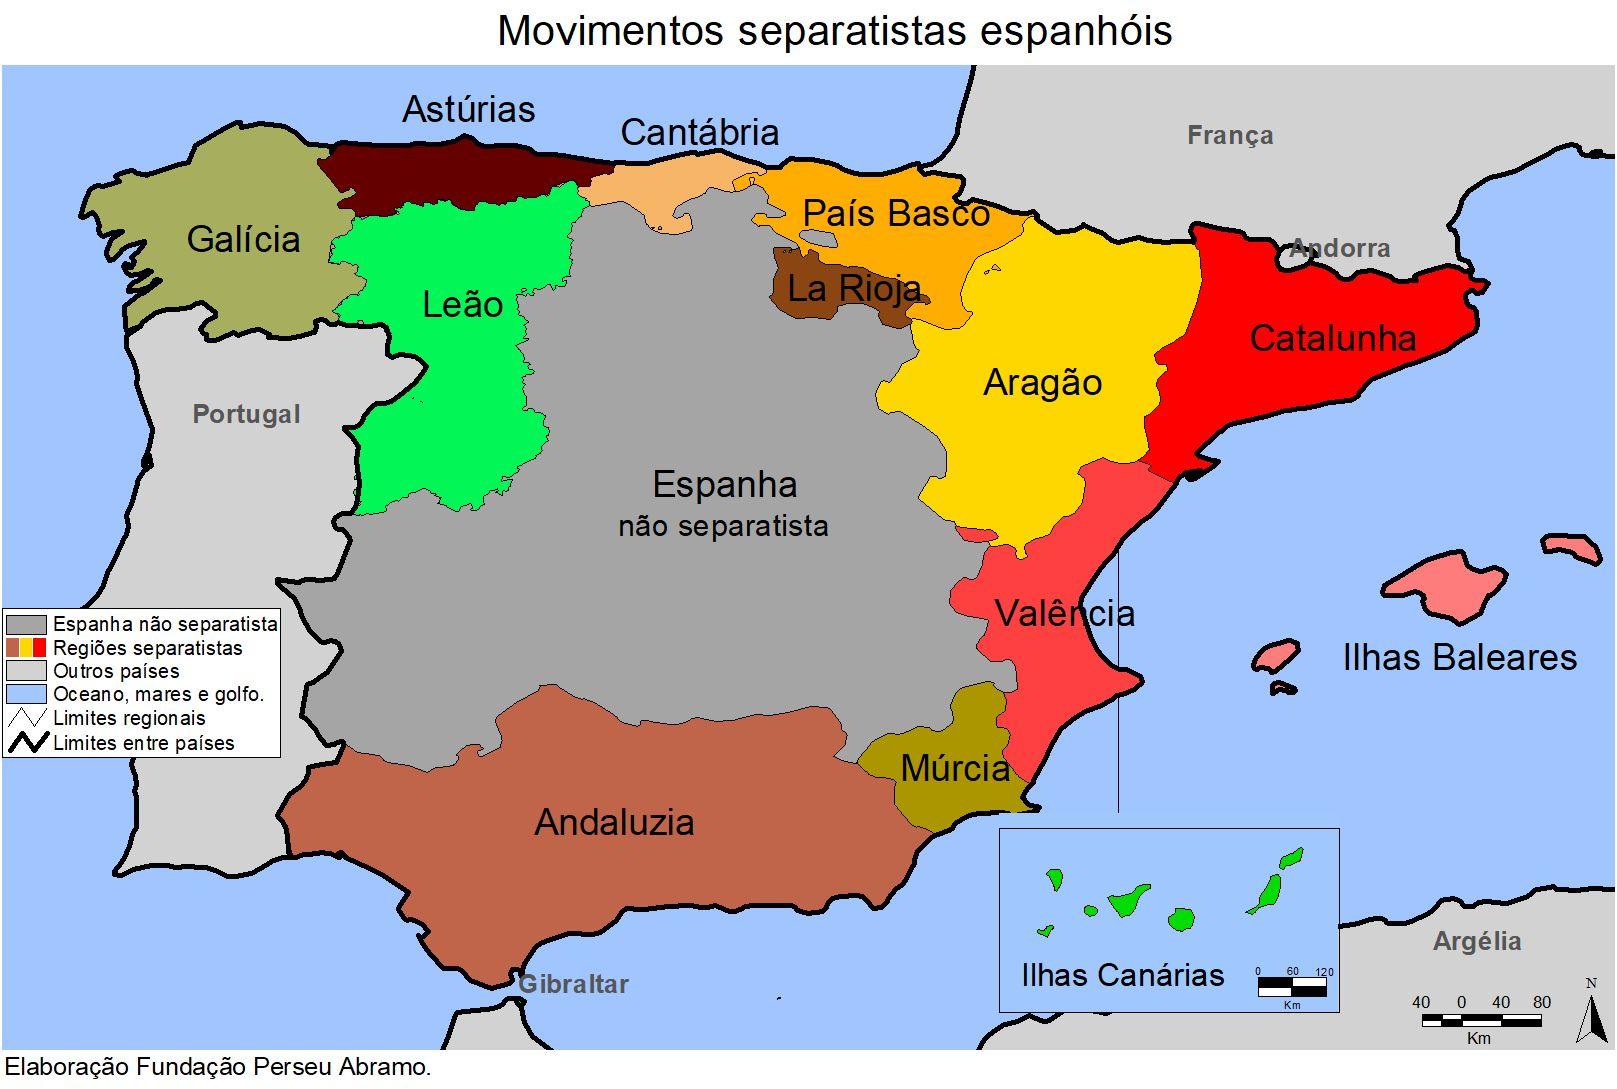 Conheca As Regioes Com Movimentos Separatistas Na Espanha